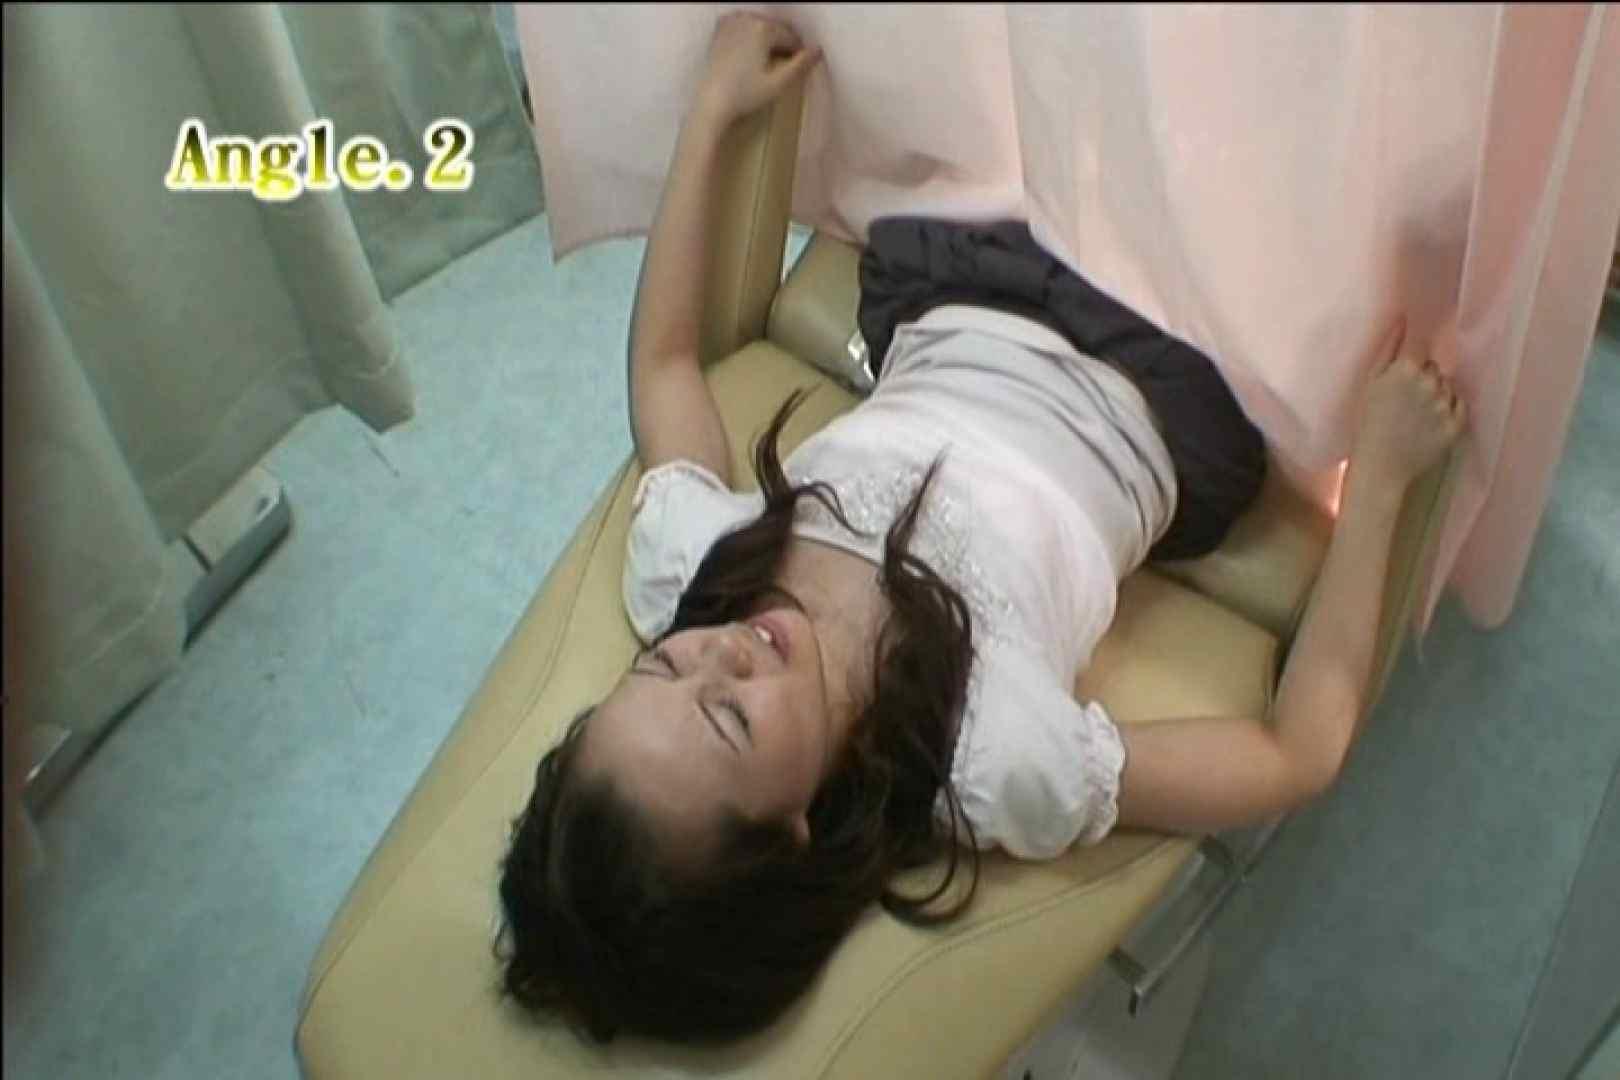 患者のおまんこをコレクションする変態医師の流出映像Vol.2 おまんこ無修正 エロ無料画像 86画像 47